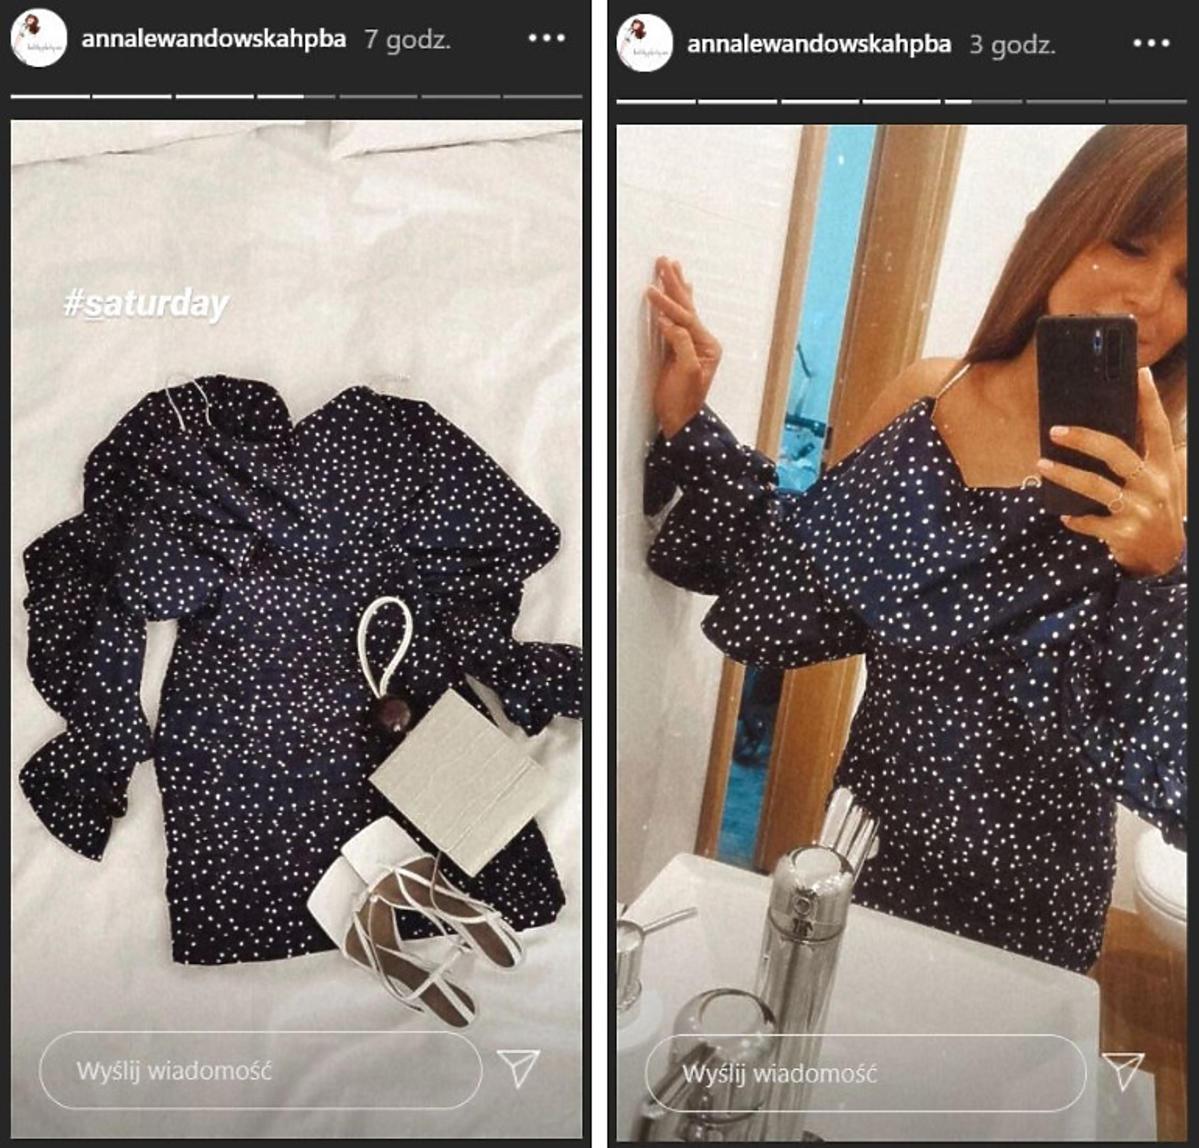 Anna Lewandowska pokazała granatową sukienkę w grochy